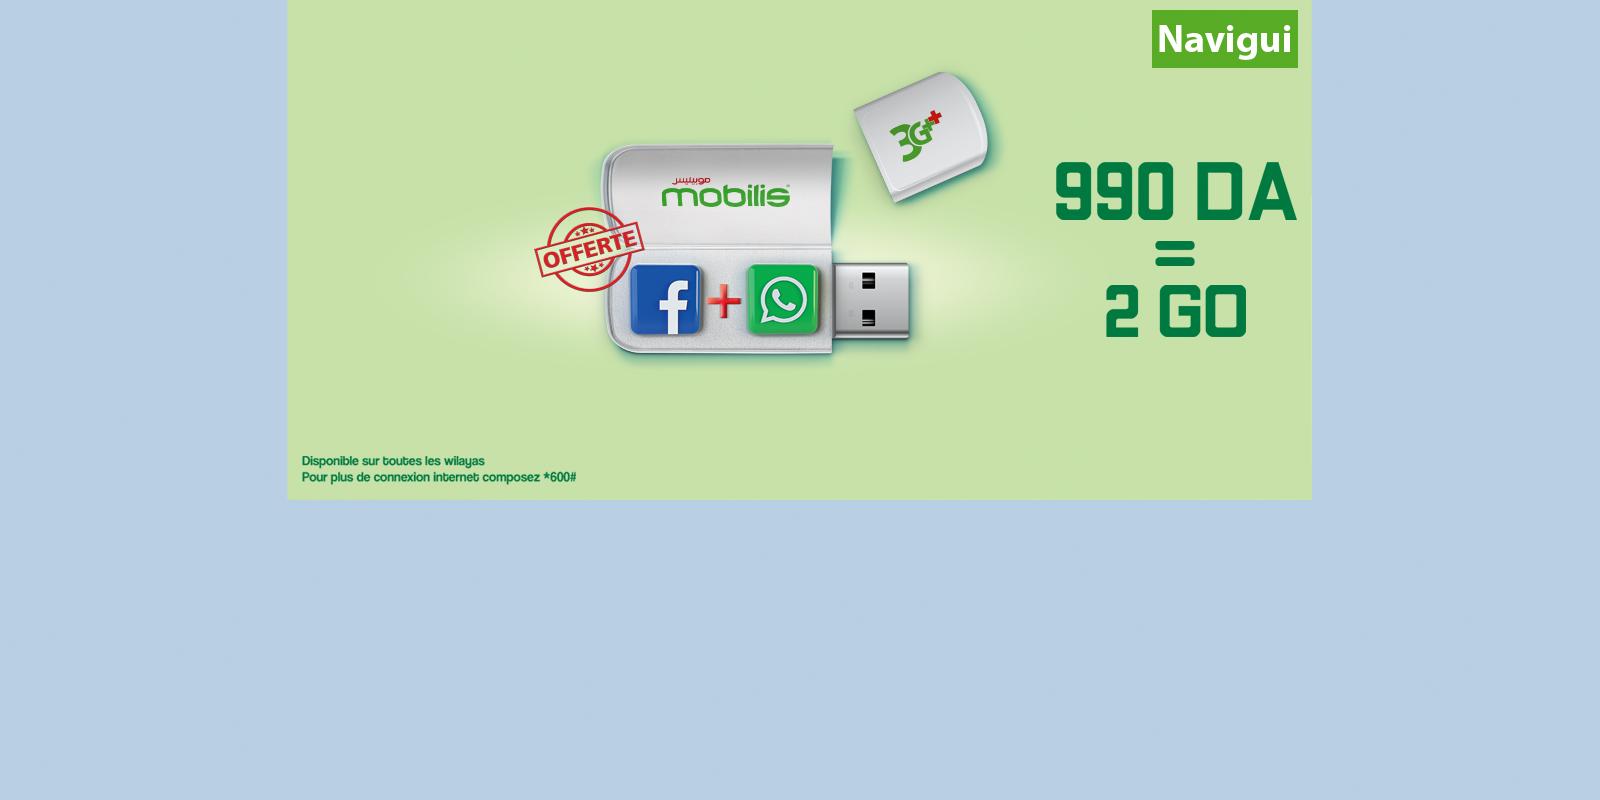 cv en ligne mobilis